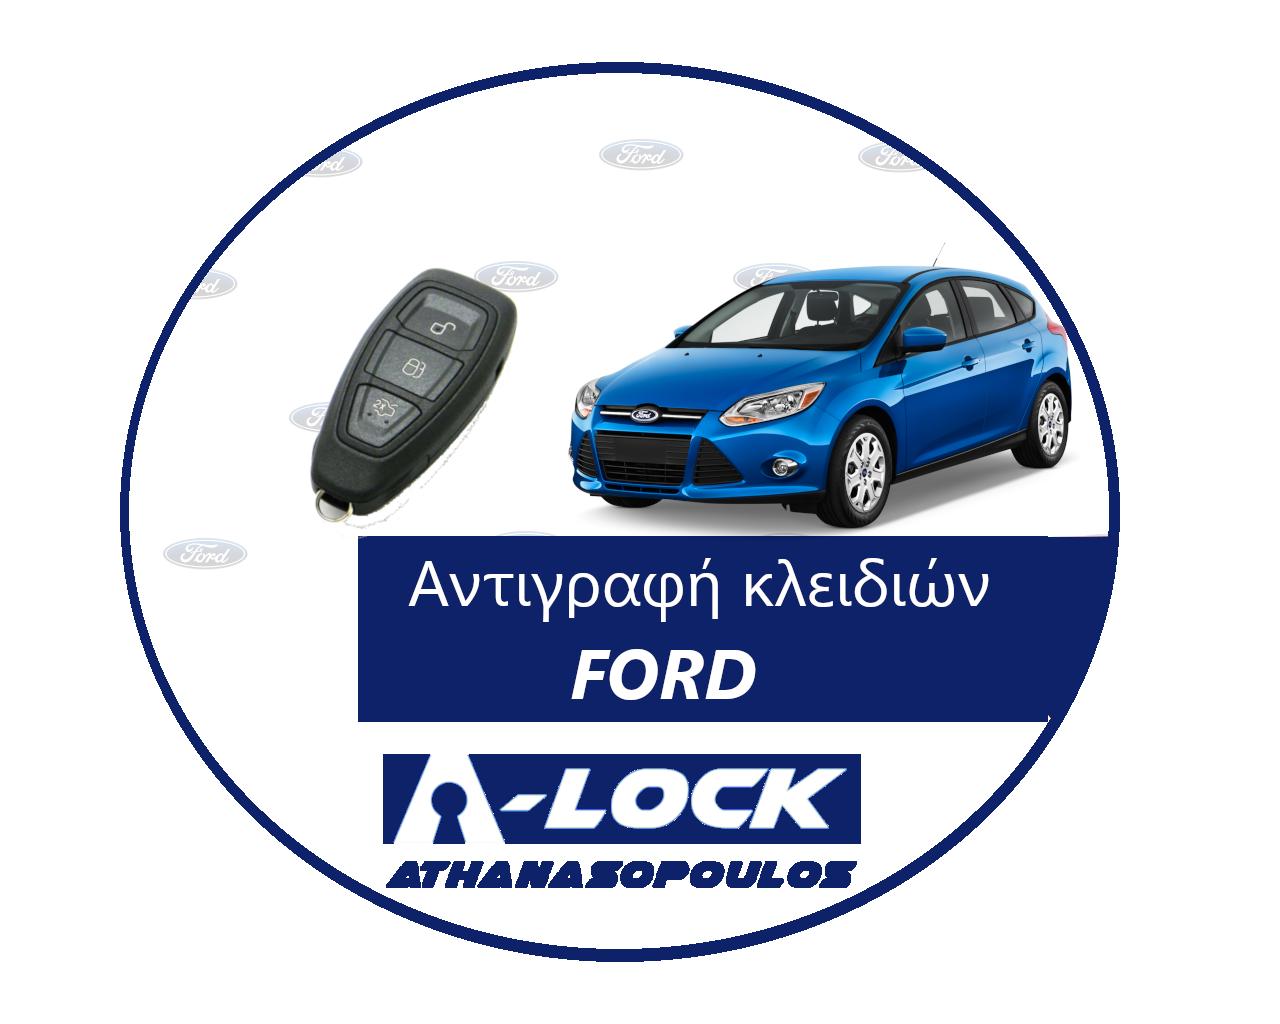 Αντιγραφές Κλειδιών Immobilizer Αυτοκινήτου FORD - 24 Ωρες Κλειδαράς Γαλάτσι A-Lock Αθανασόπουλος